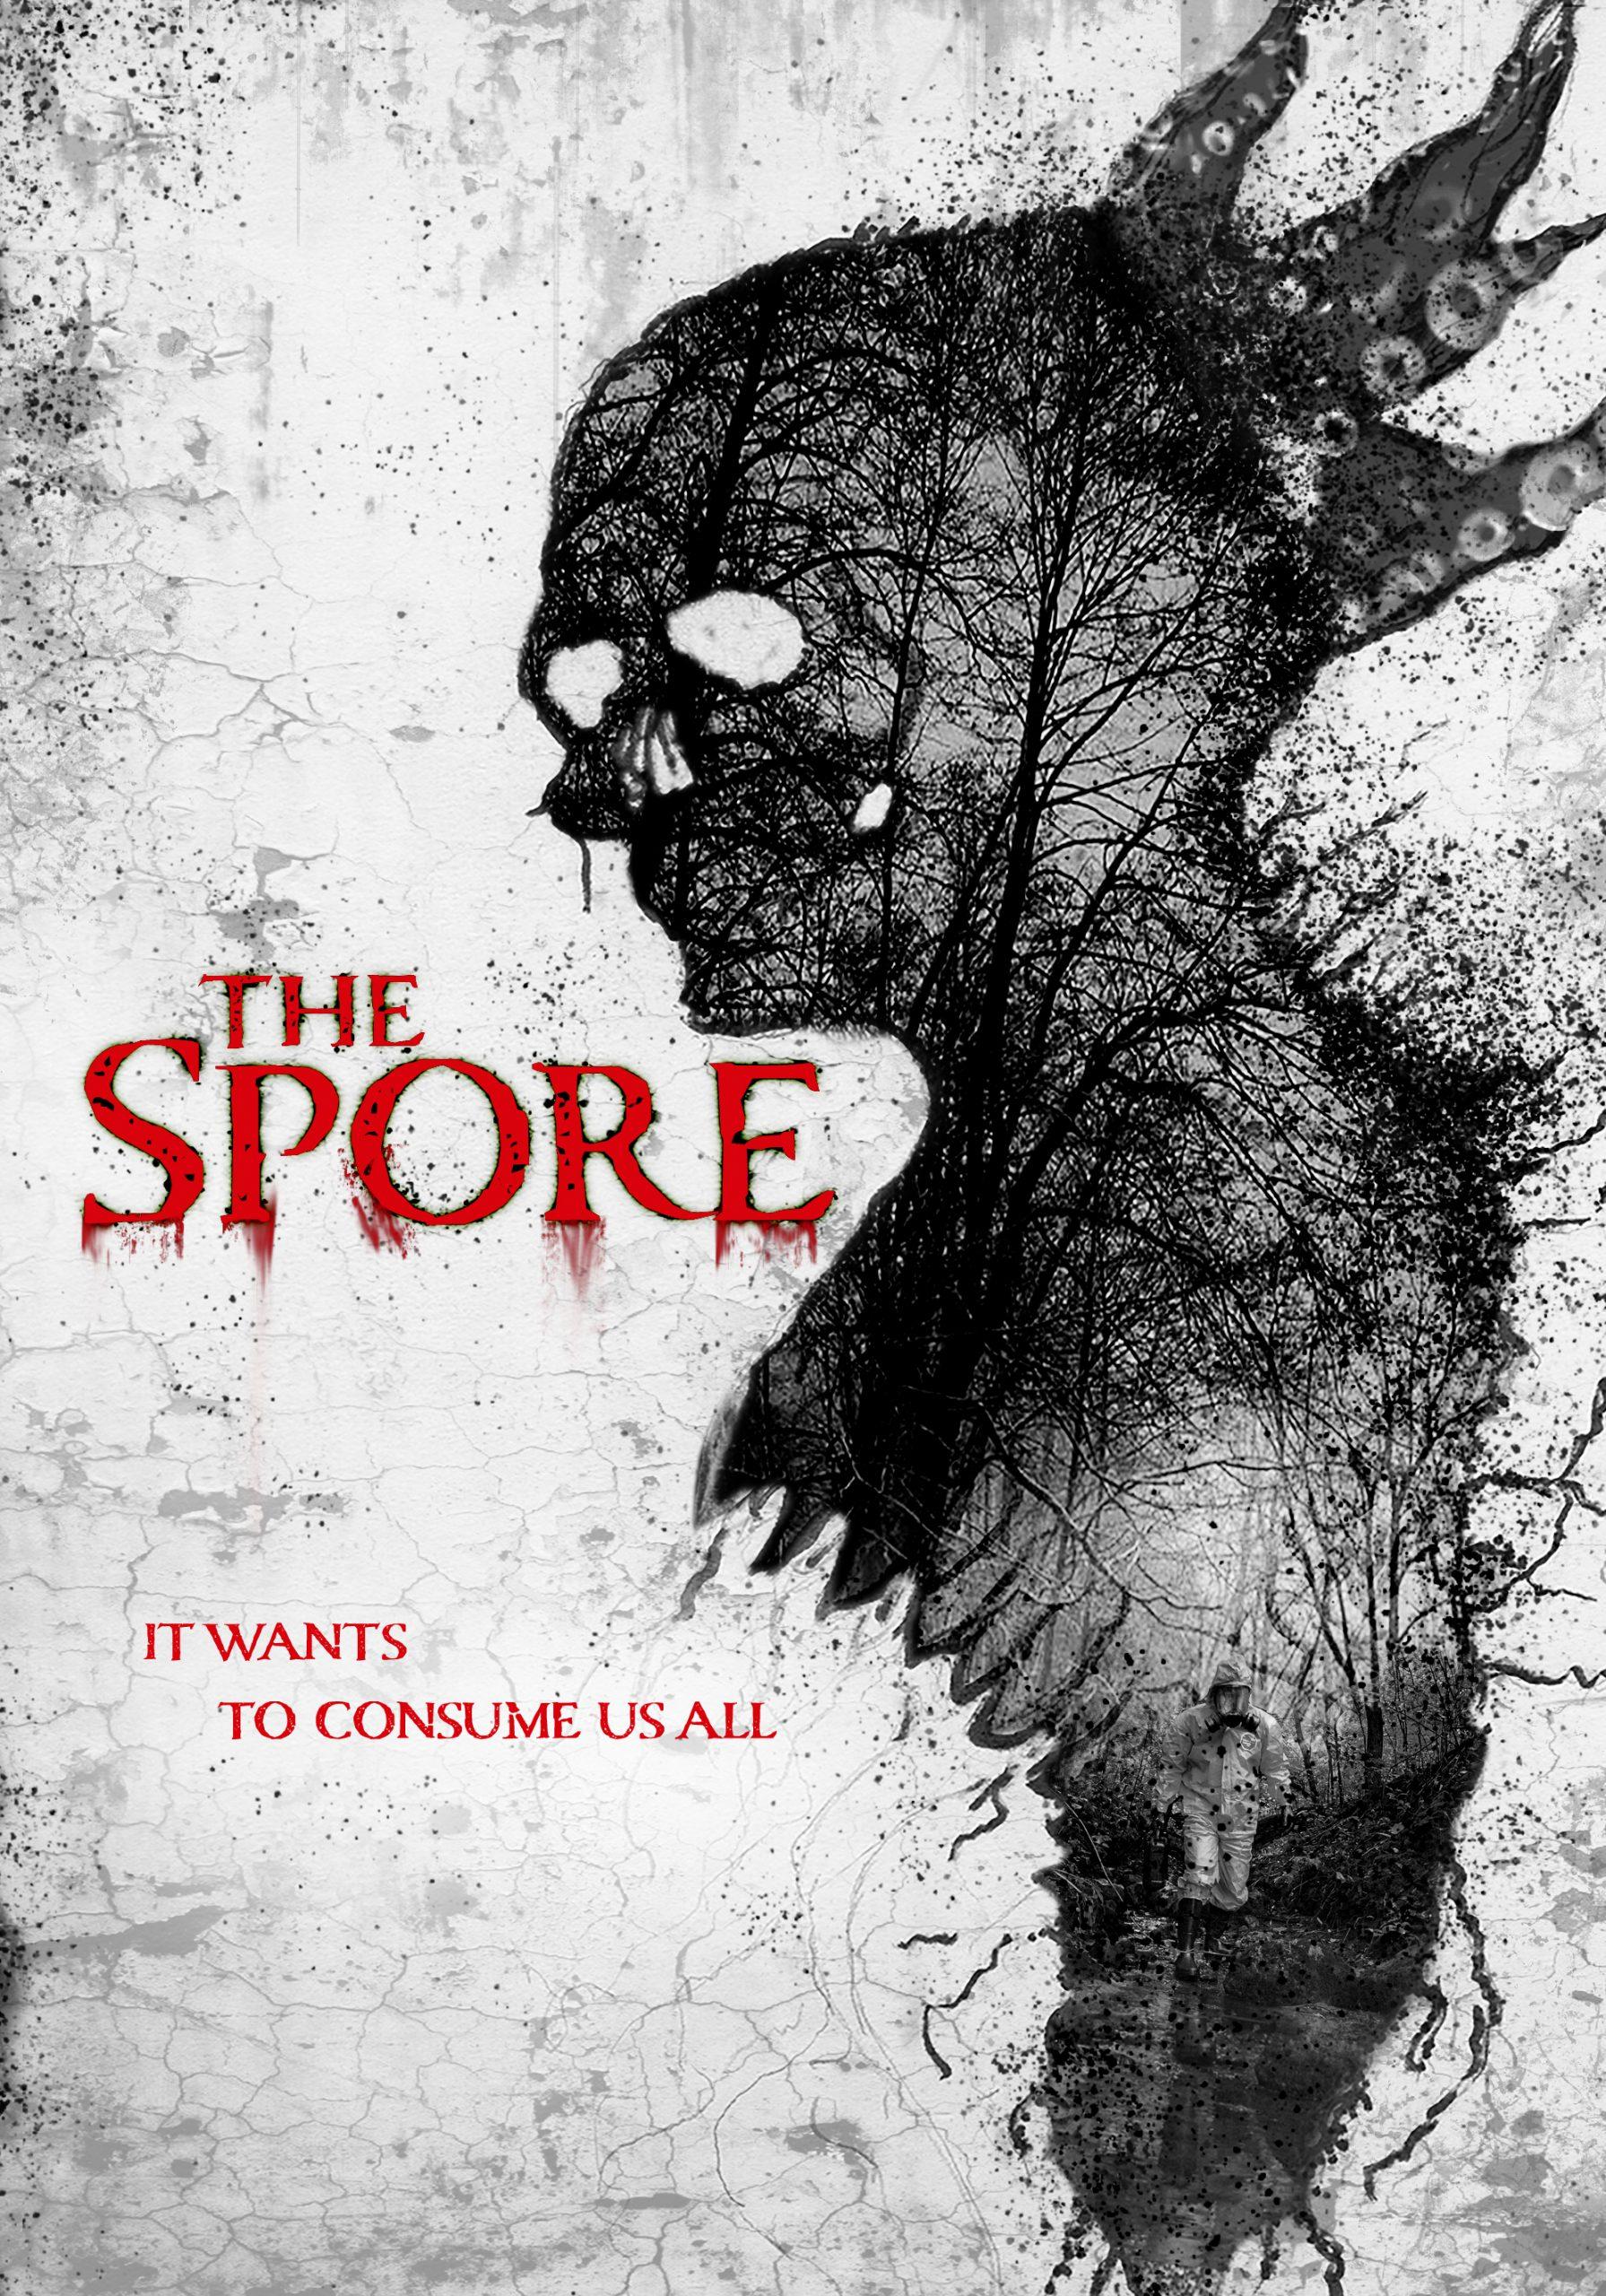 [NEWS] Il trailer dell'horror pandemico The Spore